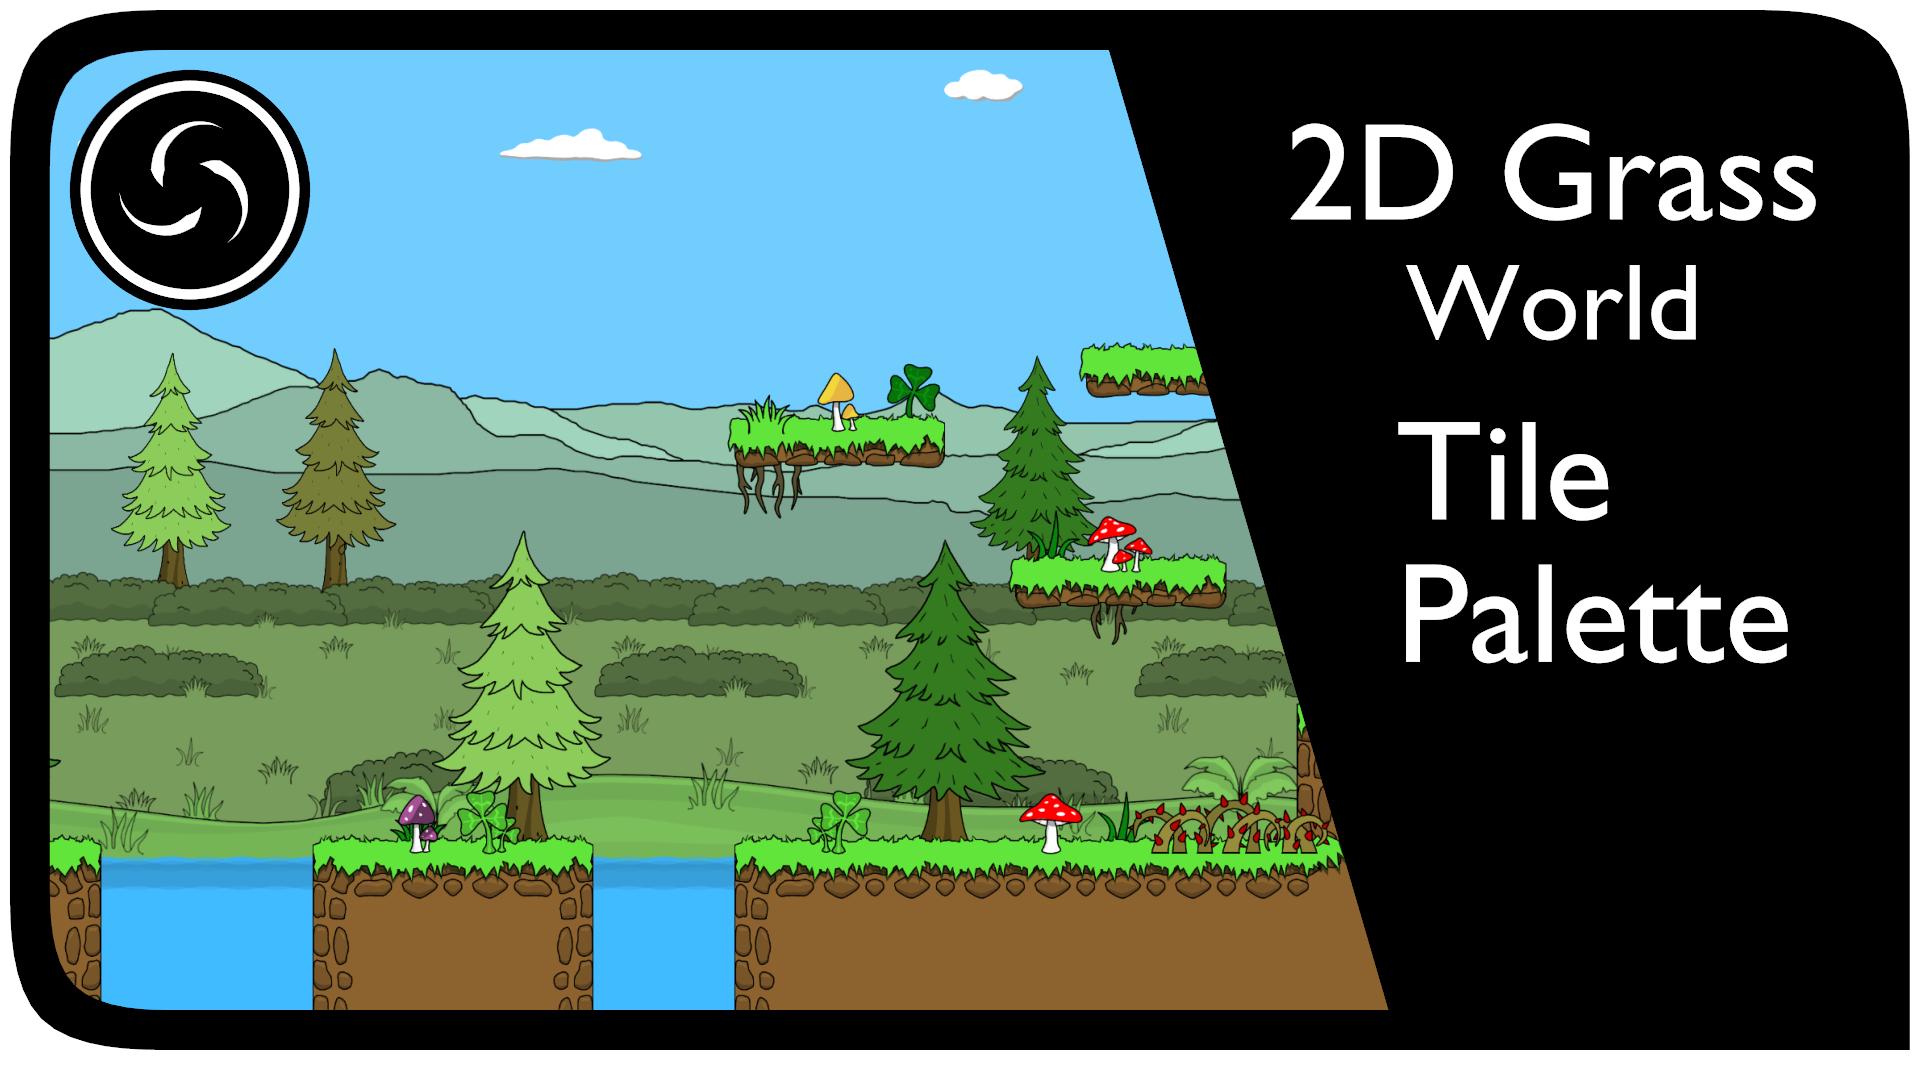 2D Grass World